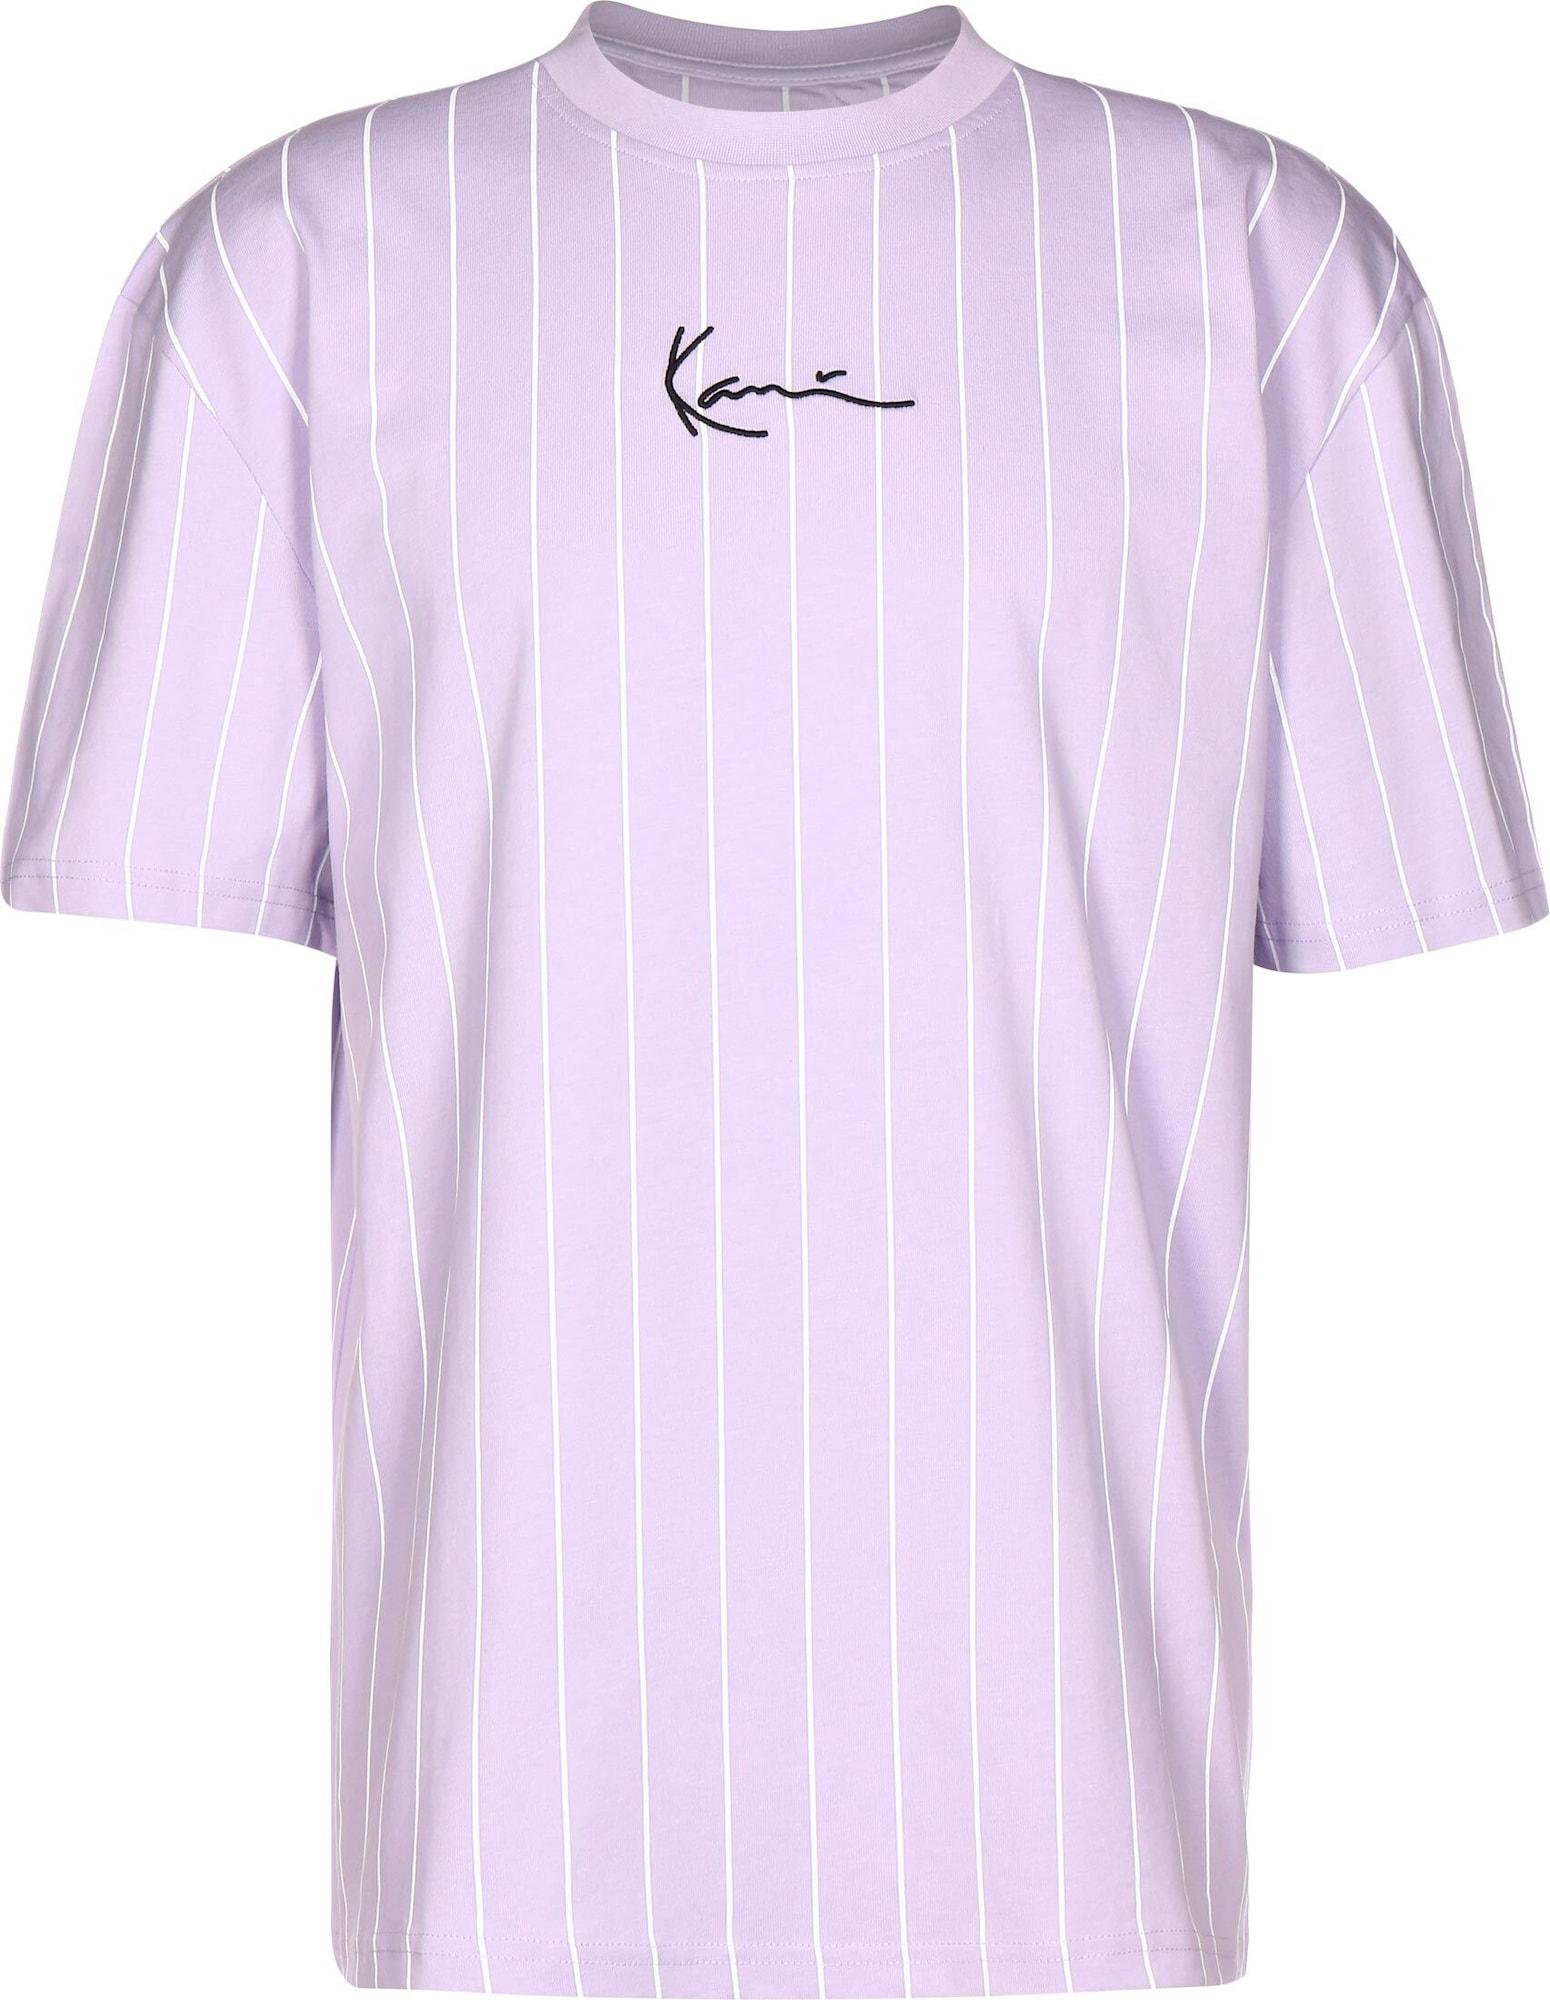 Karl Kani Marškinėliai purpurinė / balta / juoda